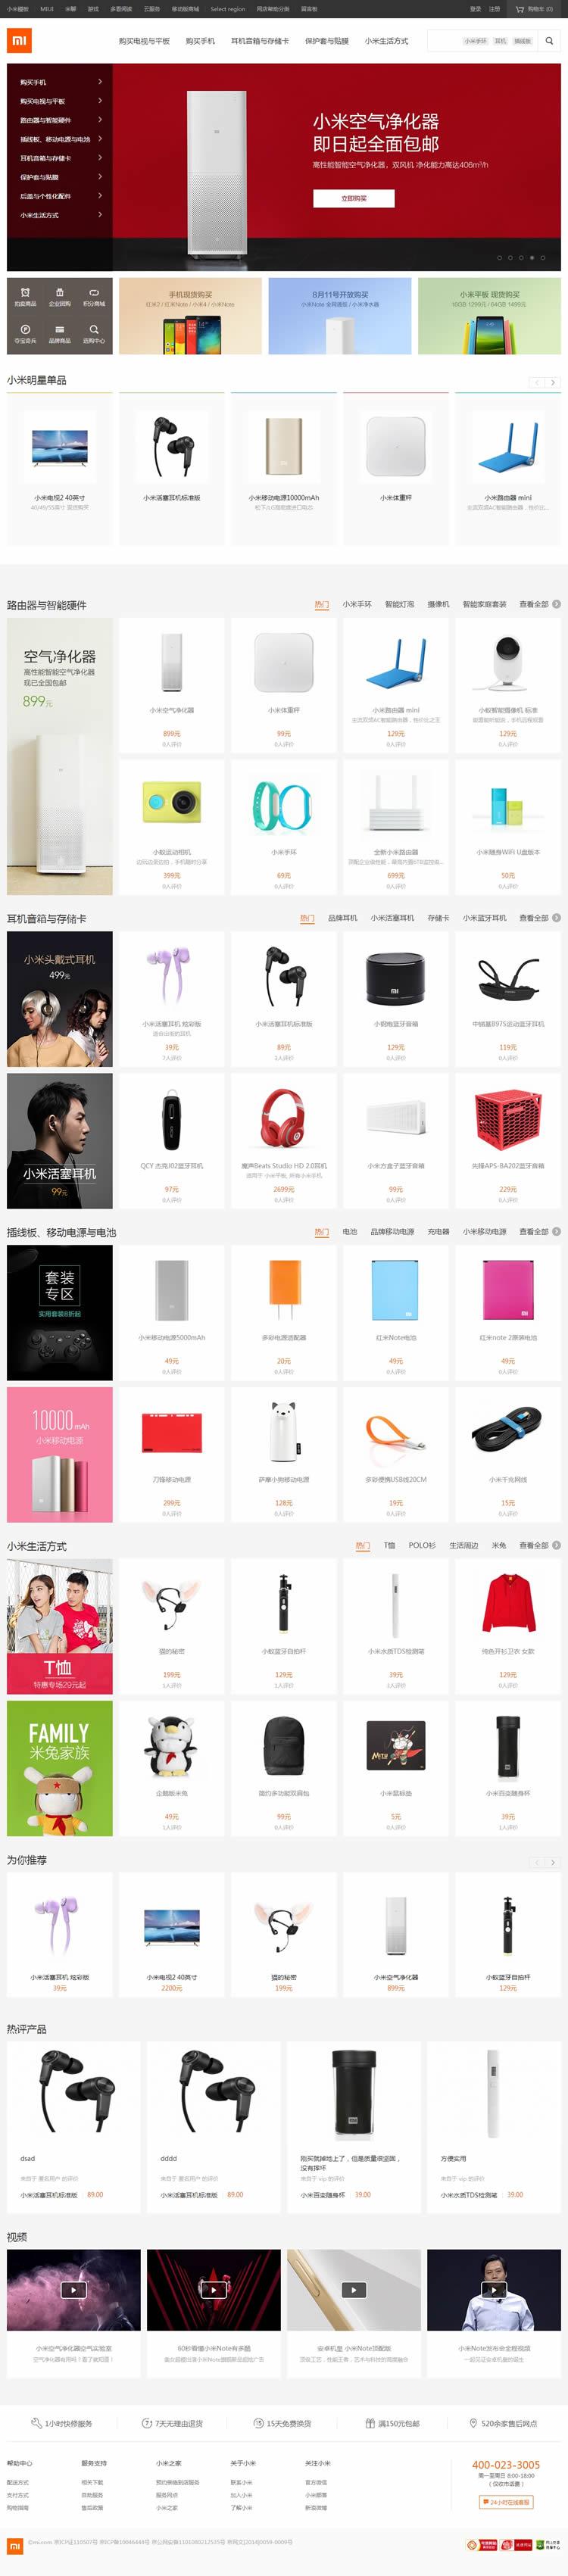 新版ecshop仿小米商城源码模板 购物网站模板带后台+手机版+微商城+支付